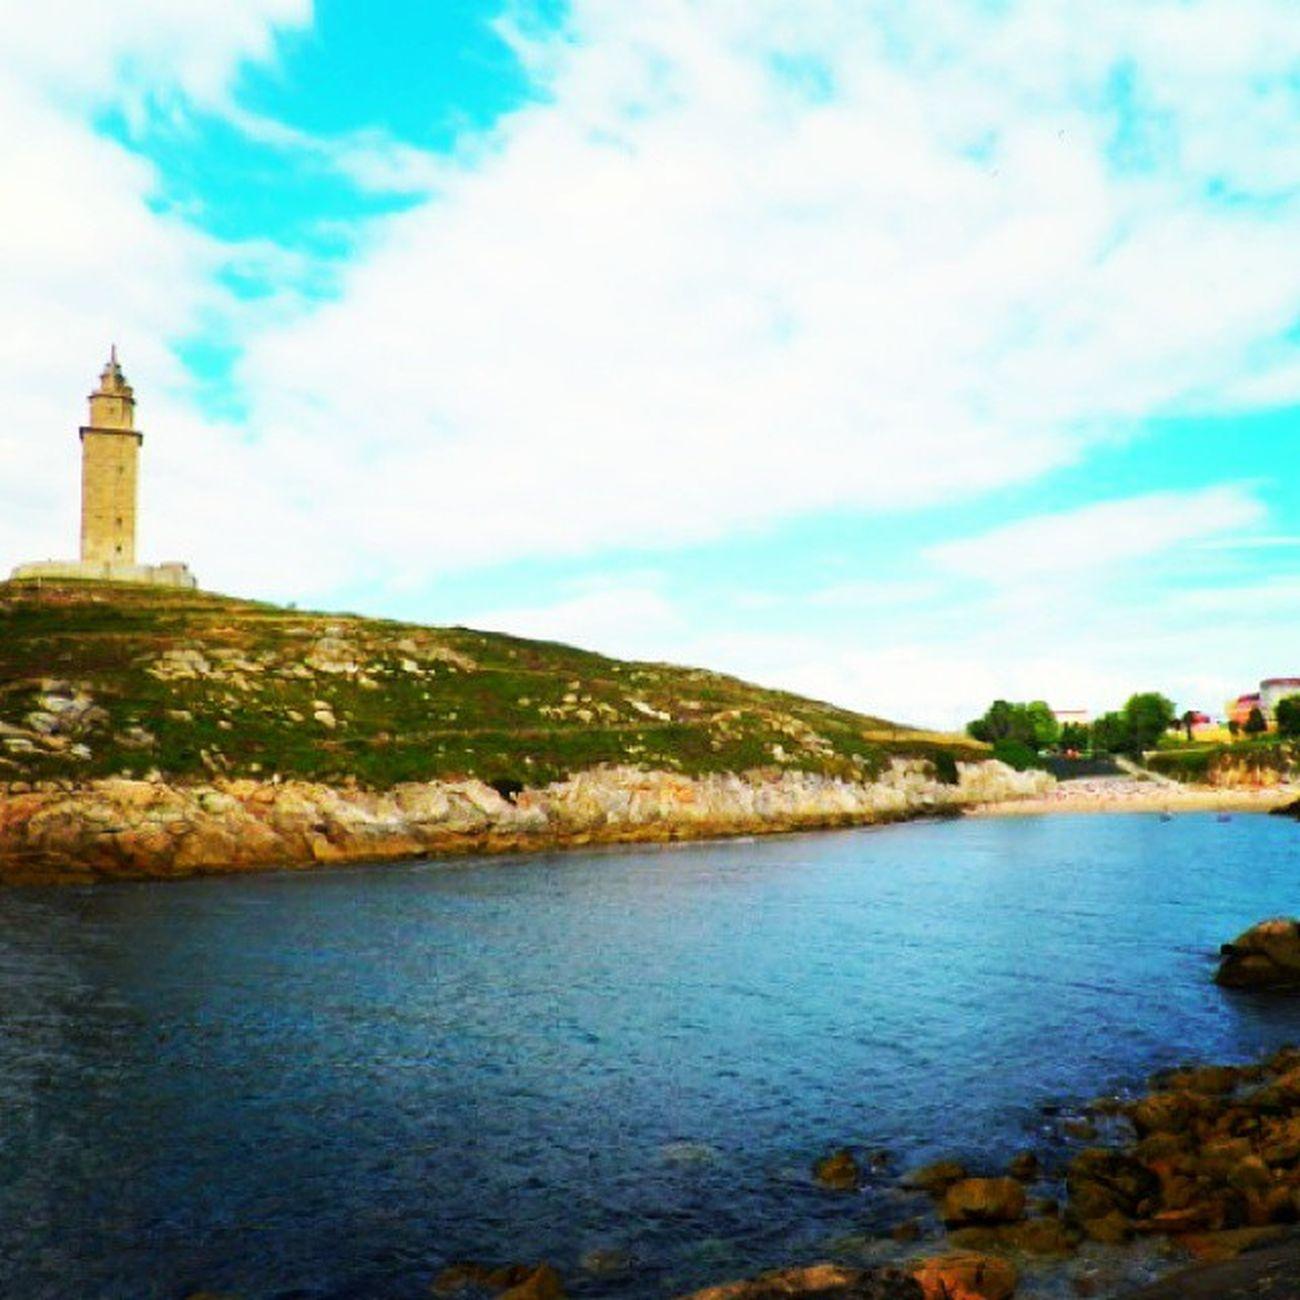 Coruña TorreDeHercules Playadelaconchas Mar aguafria nubes torre galicia tower galiciantower azul cielo sol